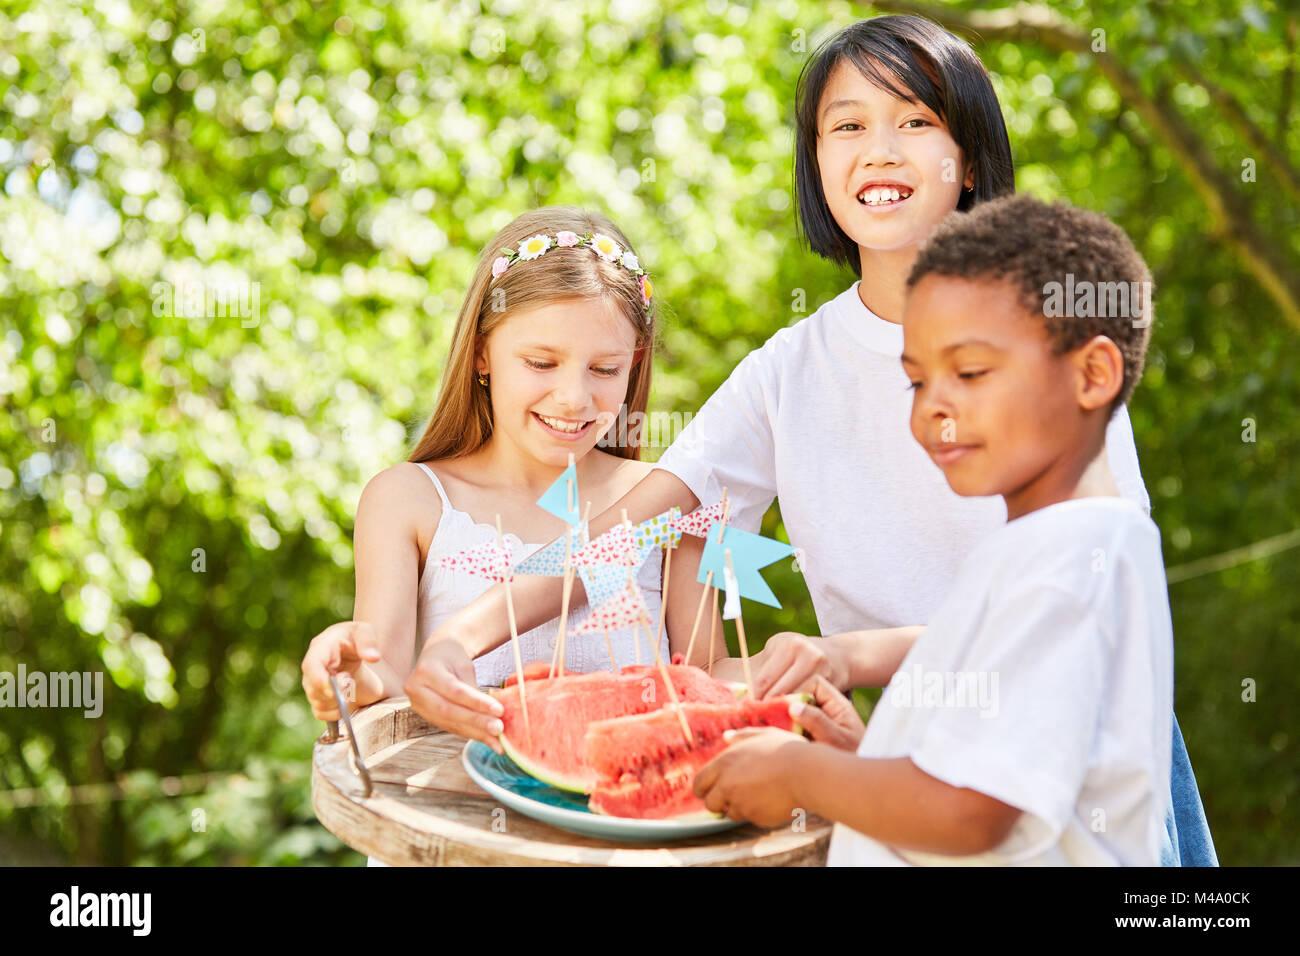 Groupe multiculturel des enfants distribue un watermelon at garden party Photo Stock